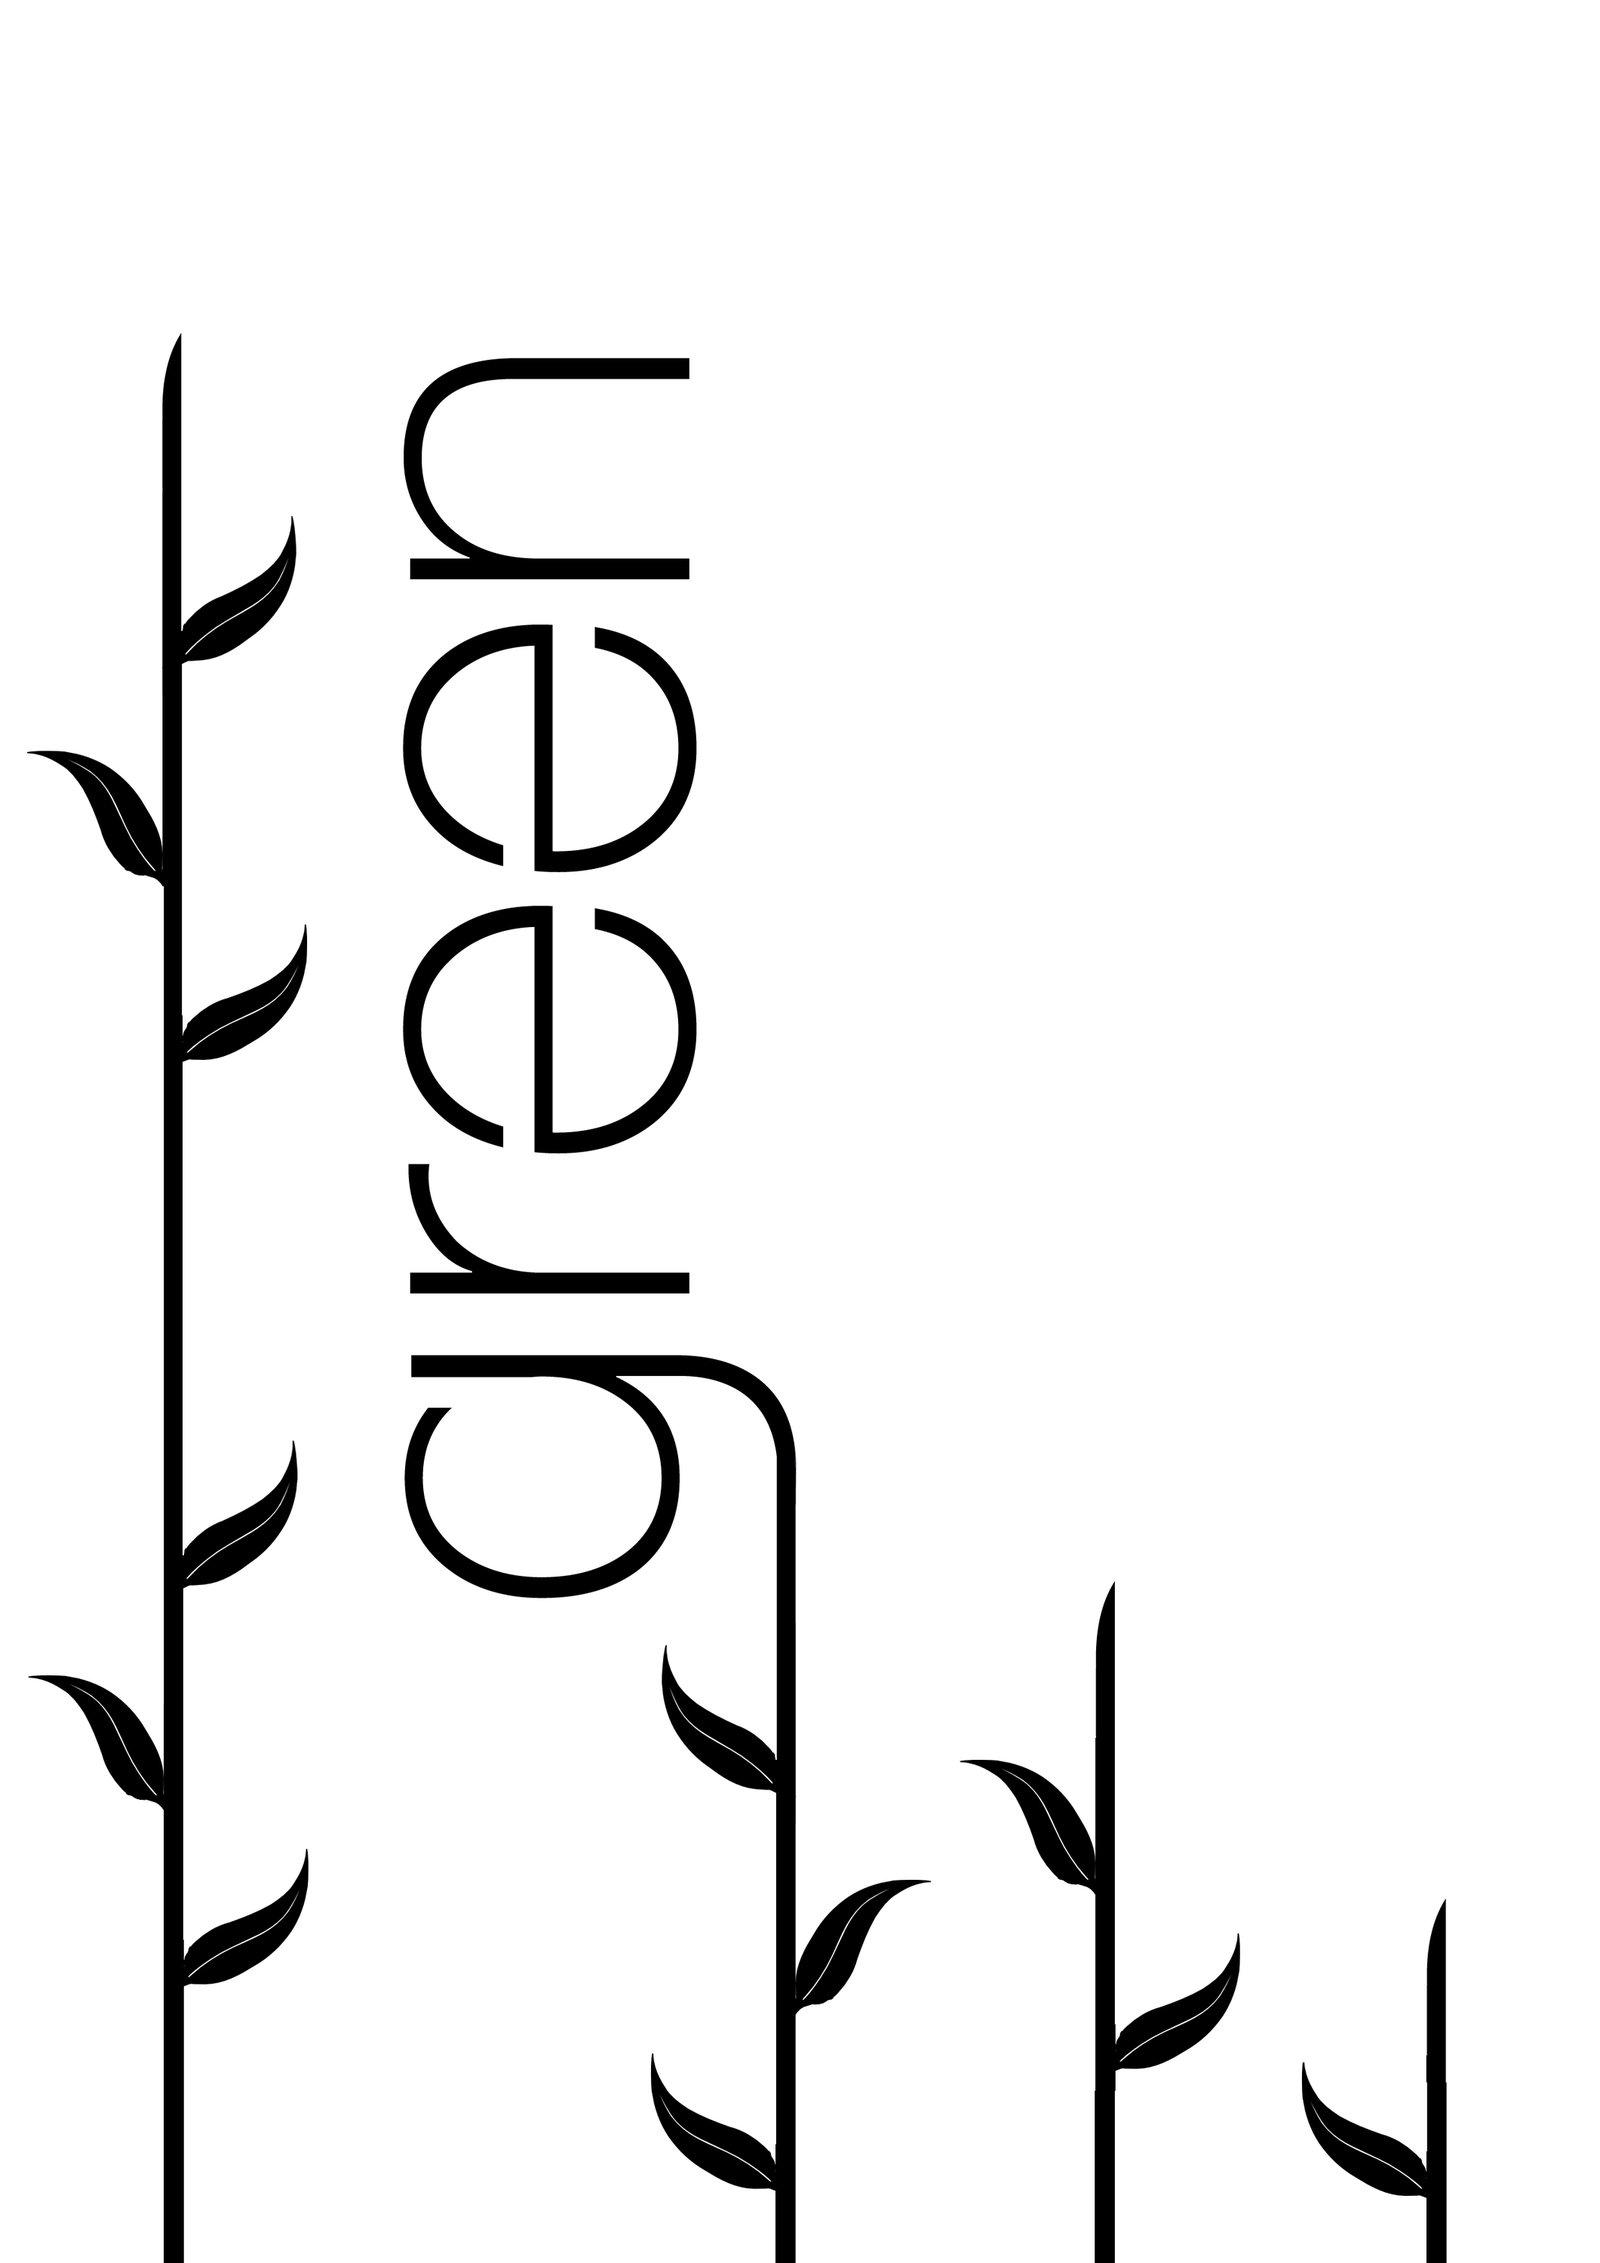 Genepi logo design